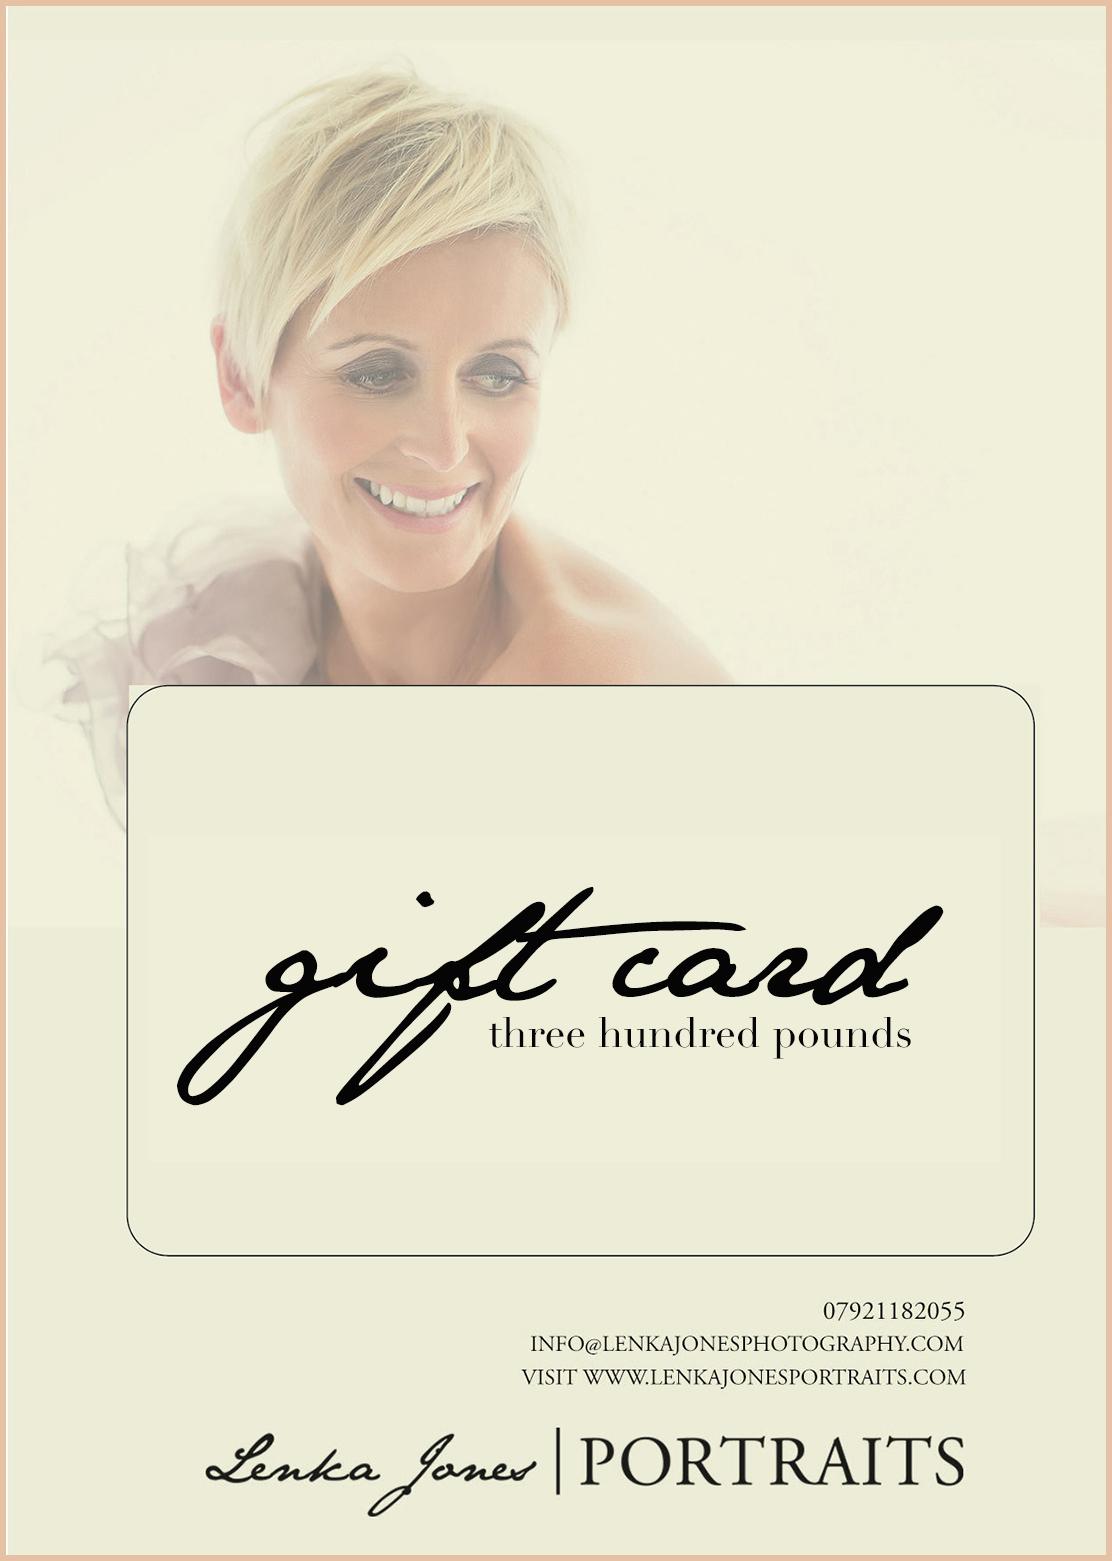 £300_gift card lenka jones portraits.jpg